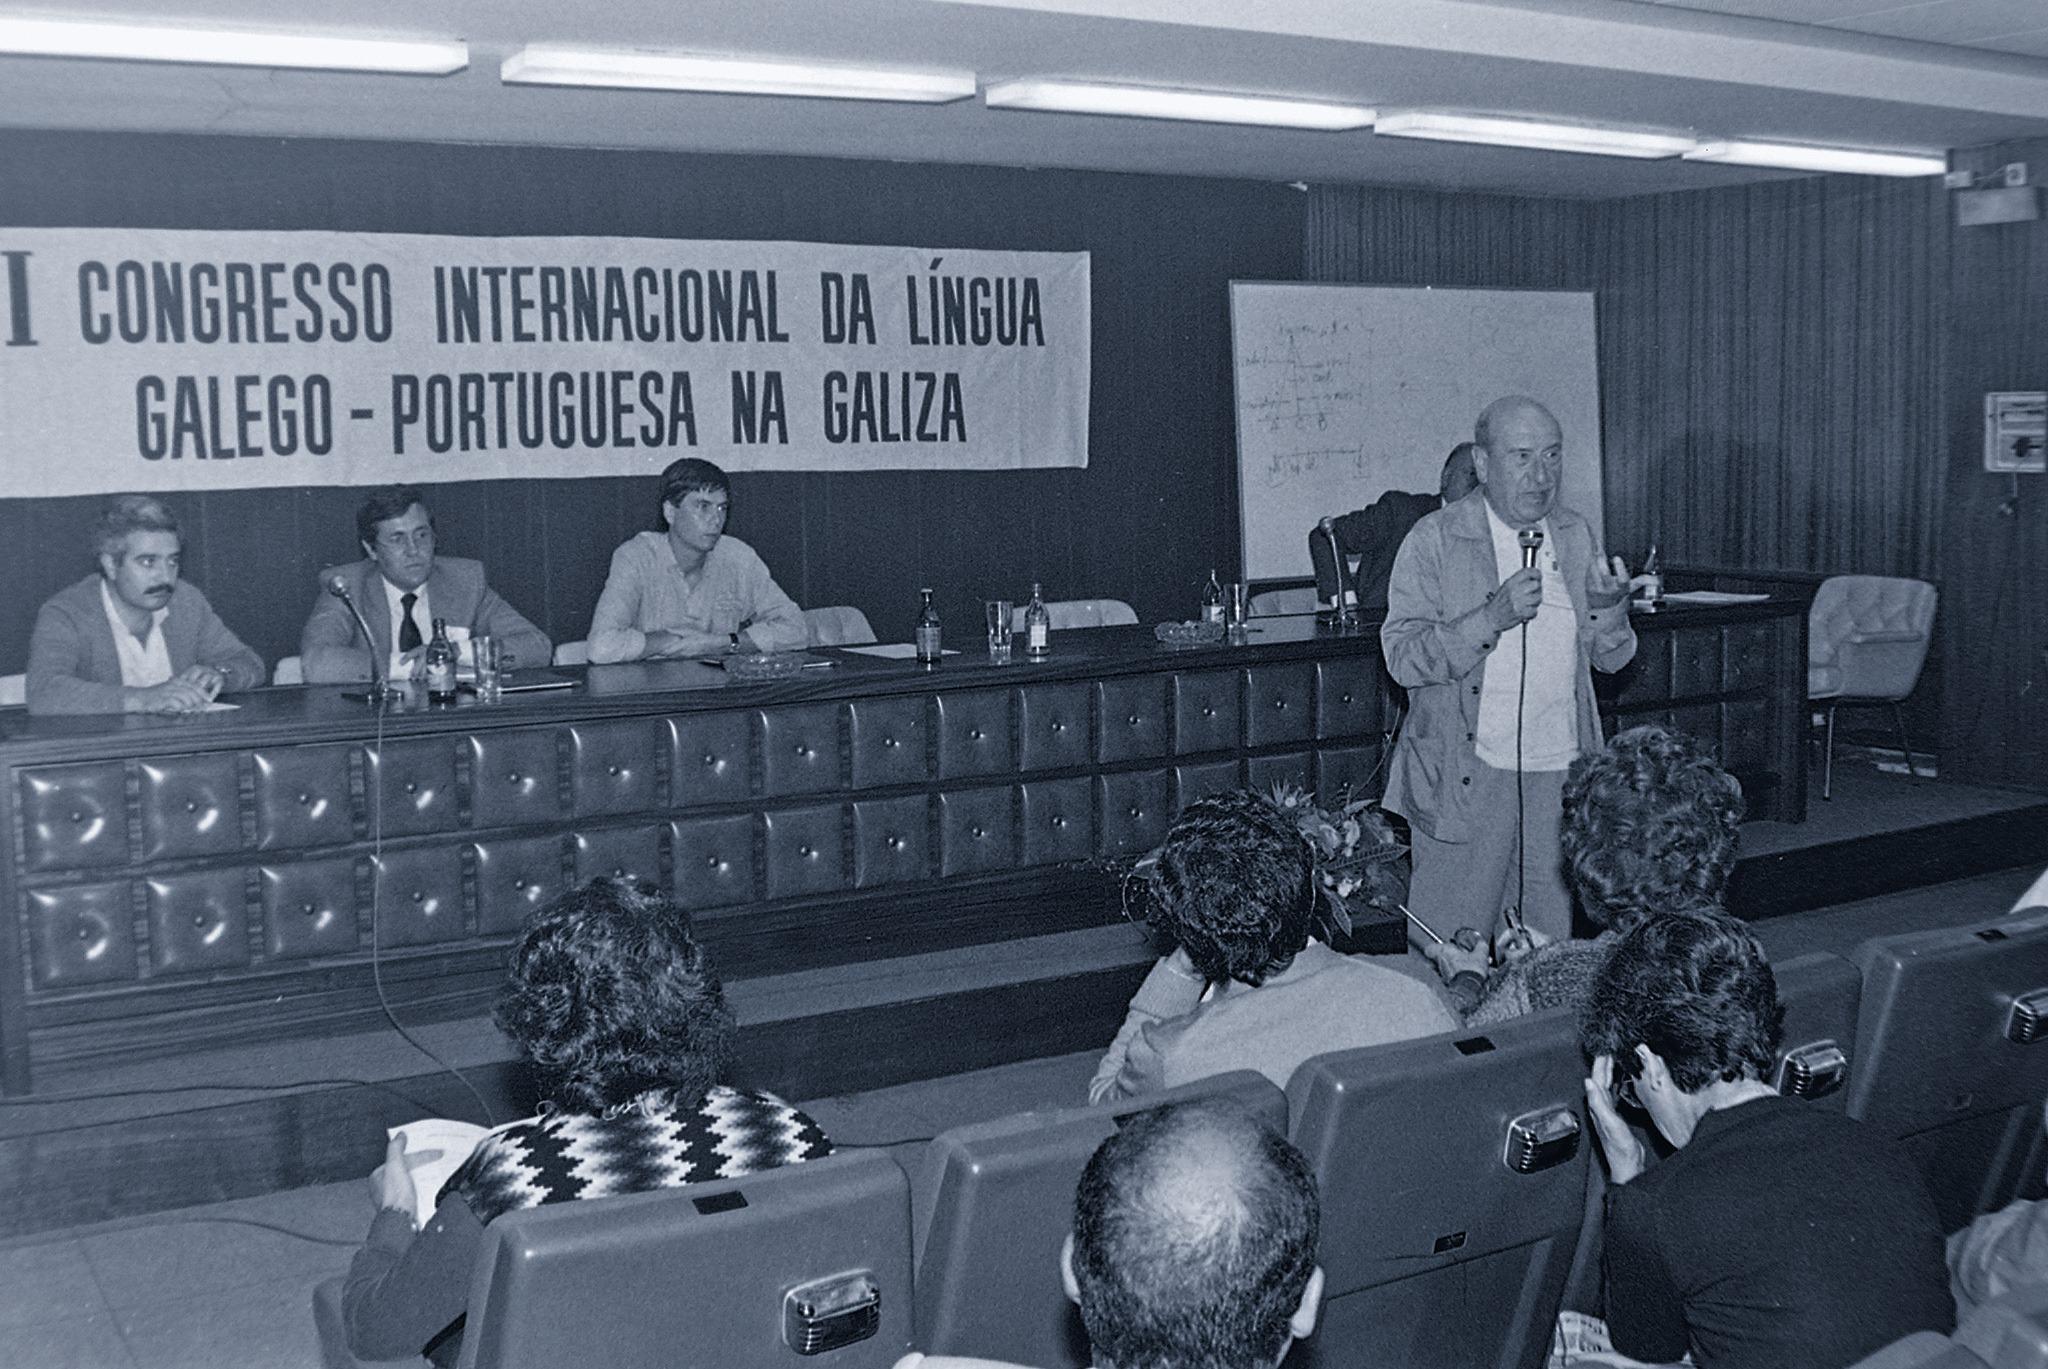 Carvalho en 1984, intervindo no I Congreso Internacional da Lingua Galego-Portuguesa na Galiza. ©Xan Carballa-Fundación A Nosa Terra